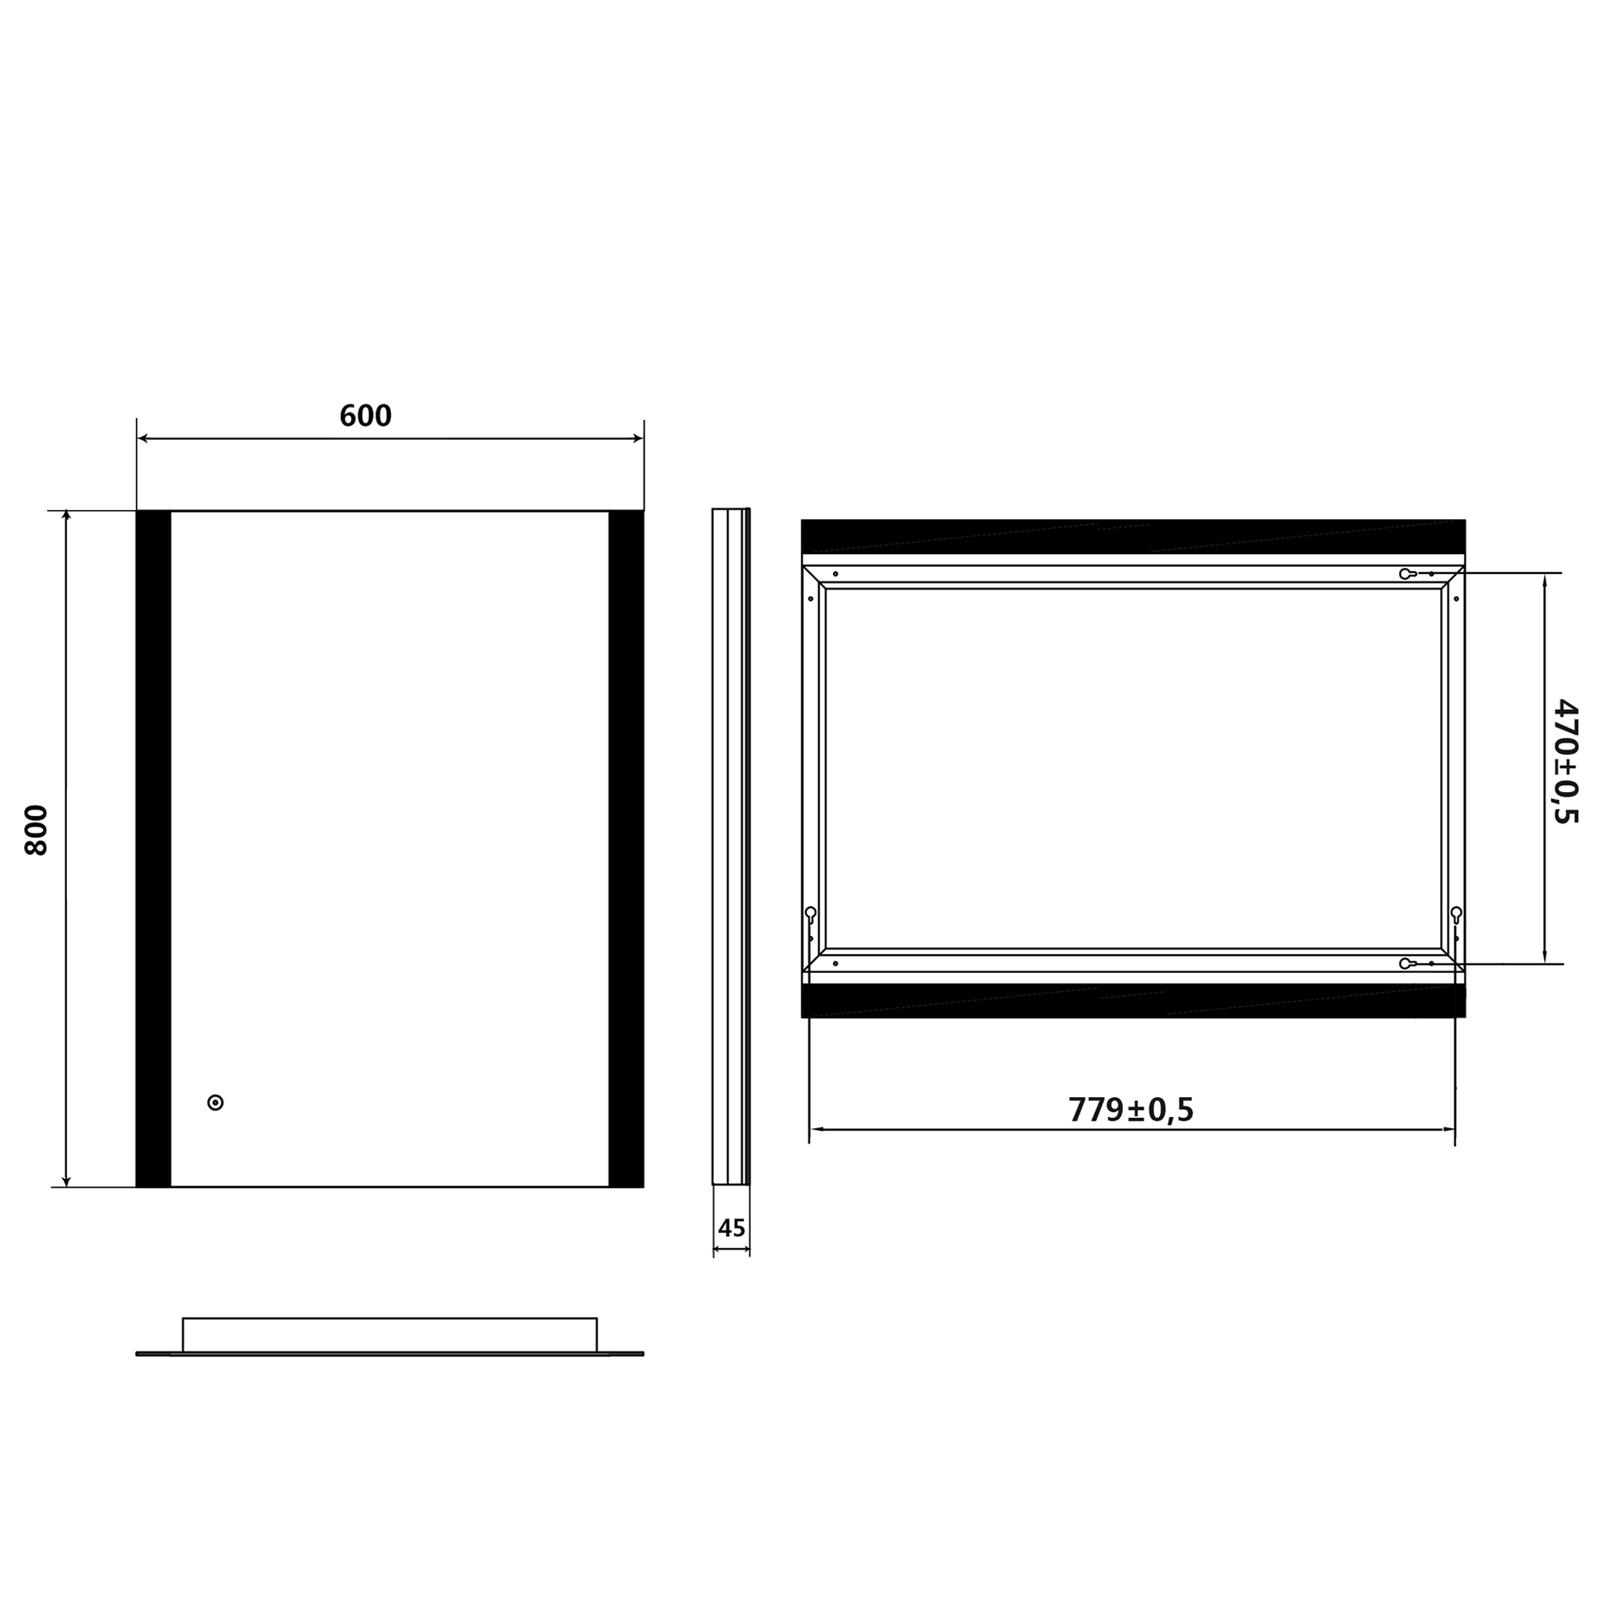 badspiegel led spiegel mit energiesparender led beleuchtung kaltwei ip44 80x60 ebay. Black Bedroom Furniture Sets. Home Design Ideas